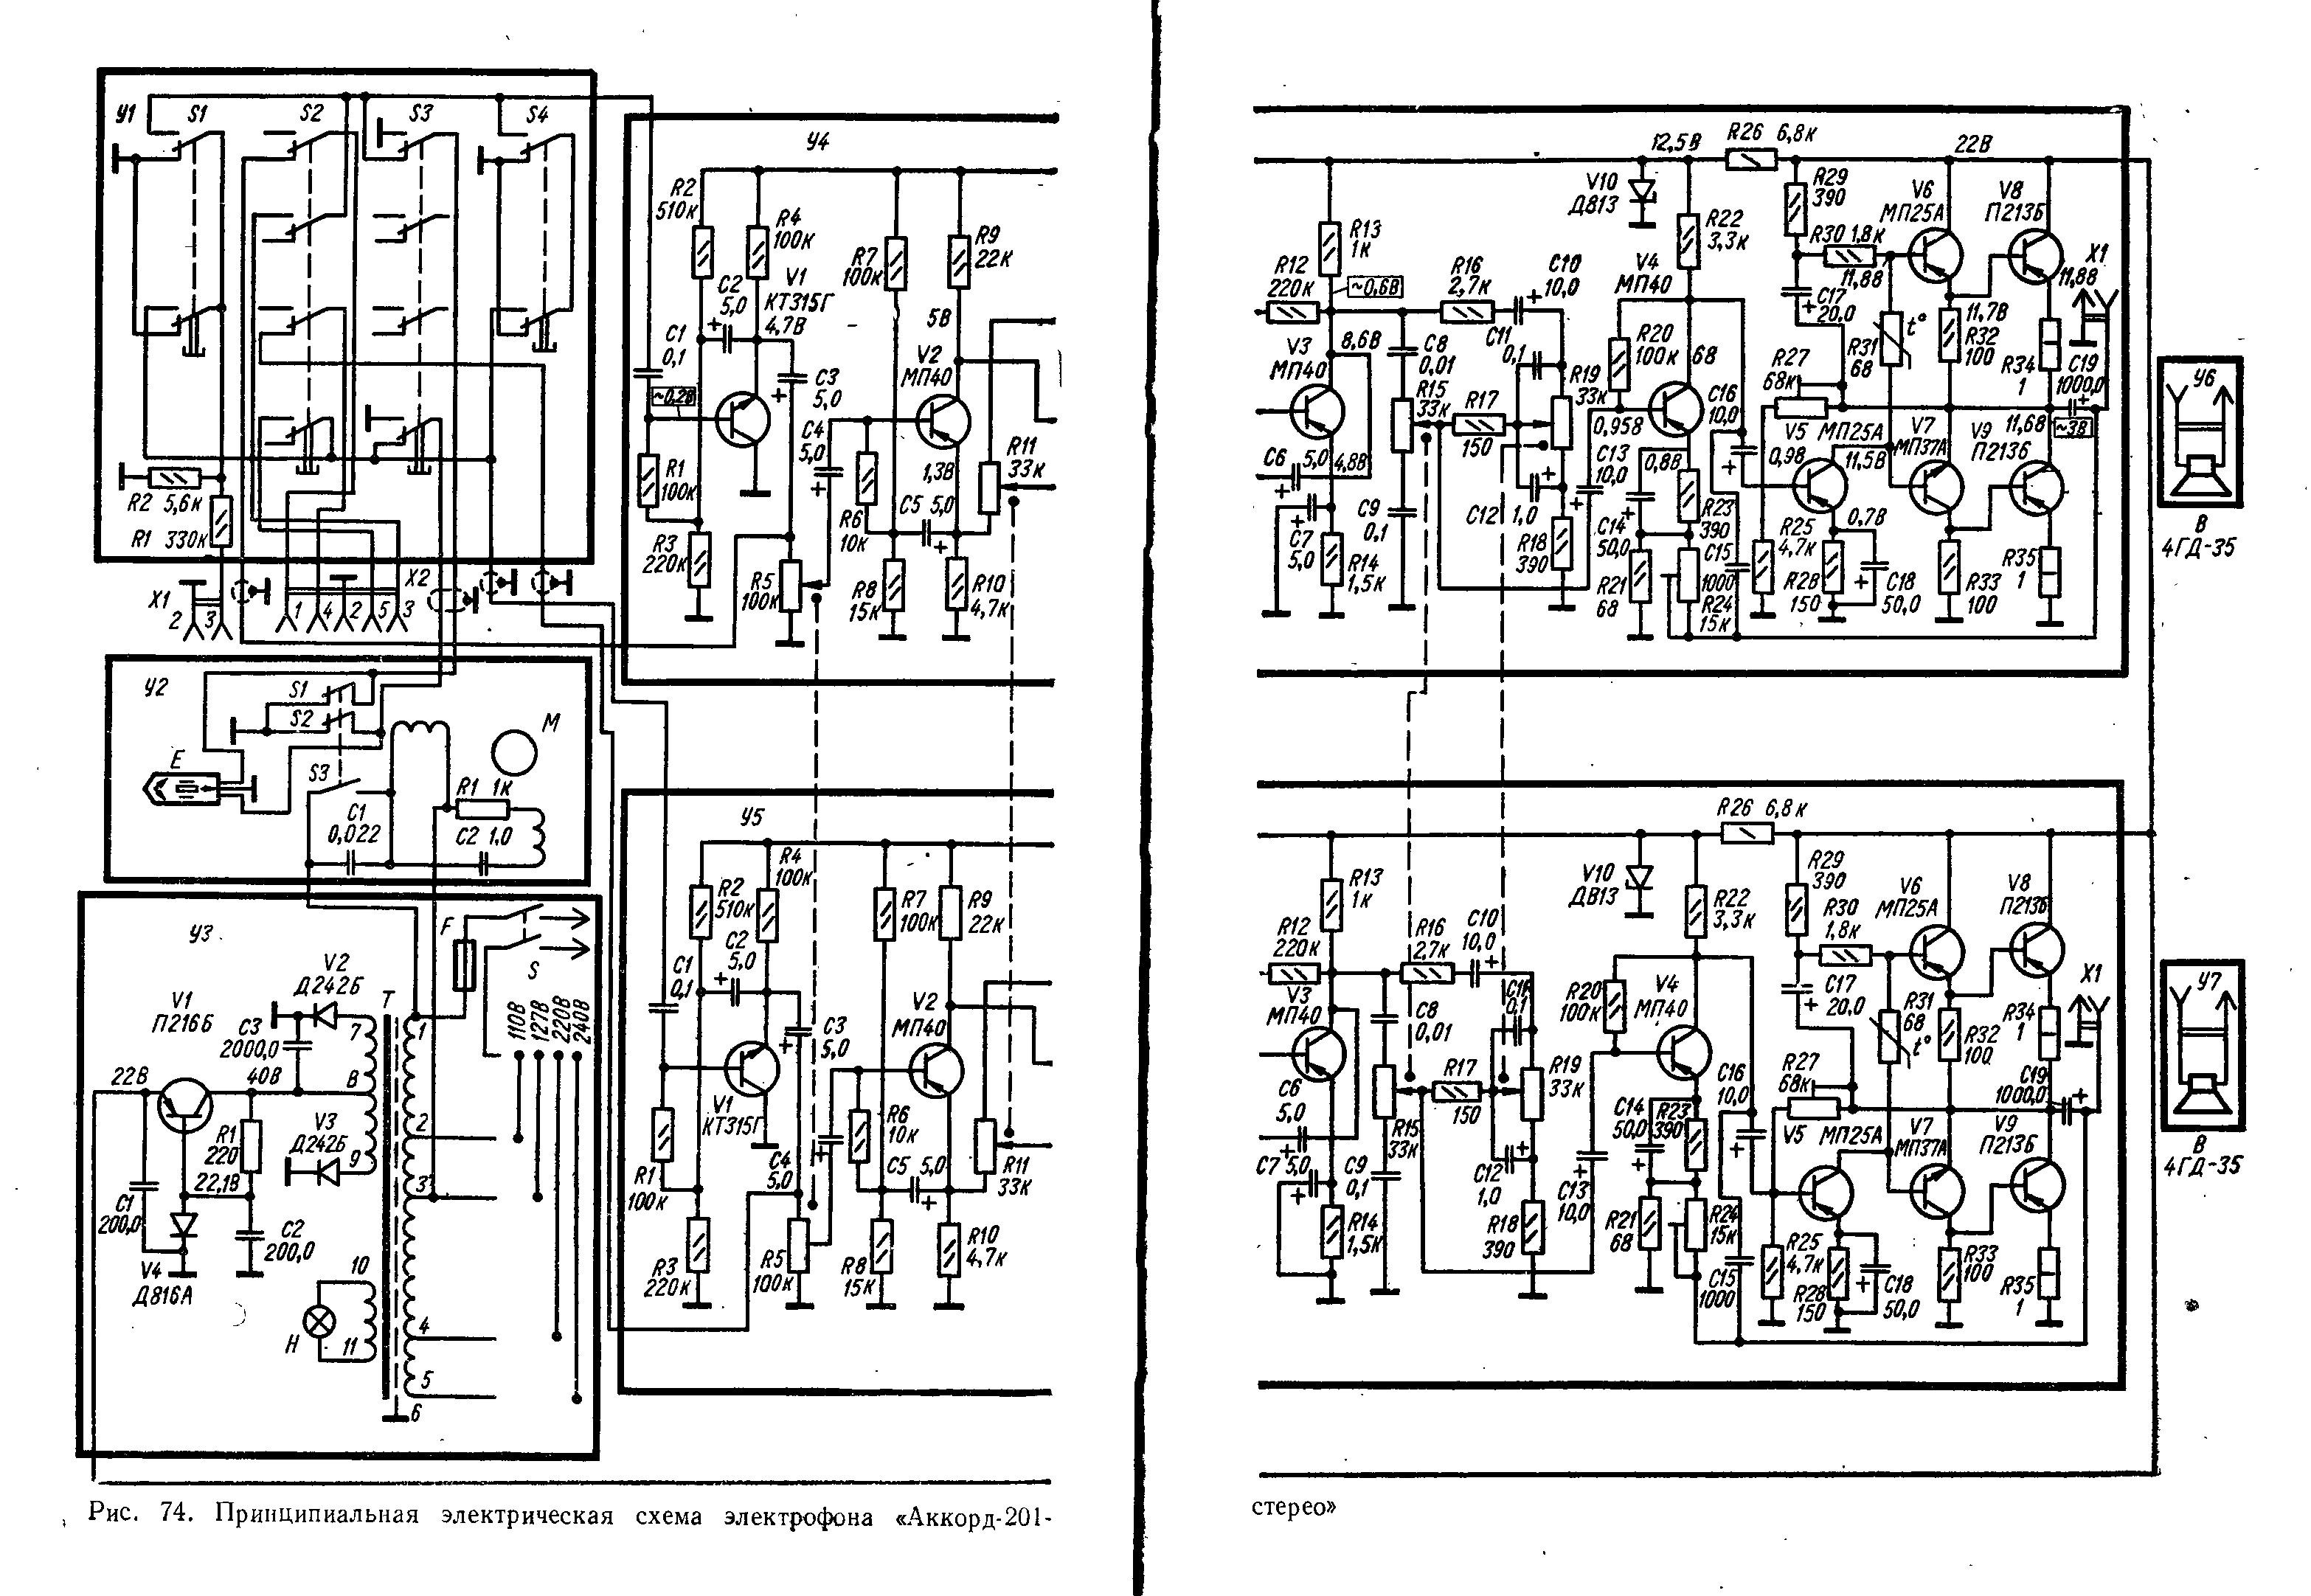 Схема рондо 206 стерео схема